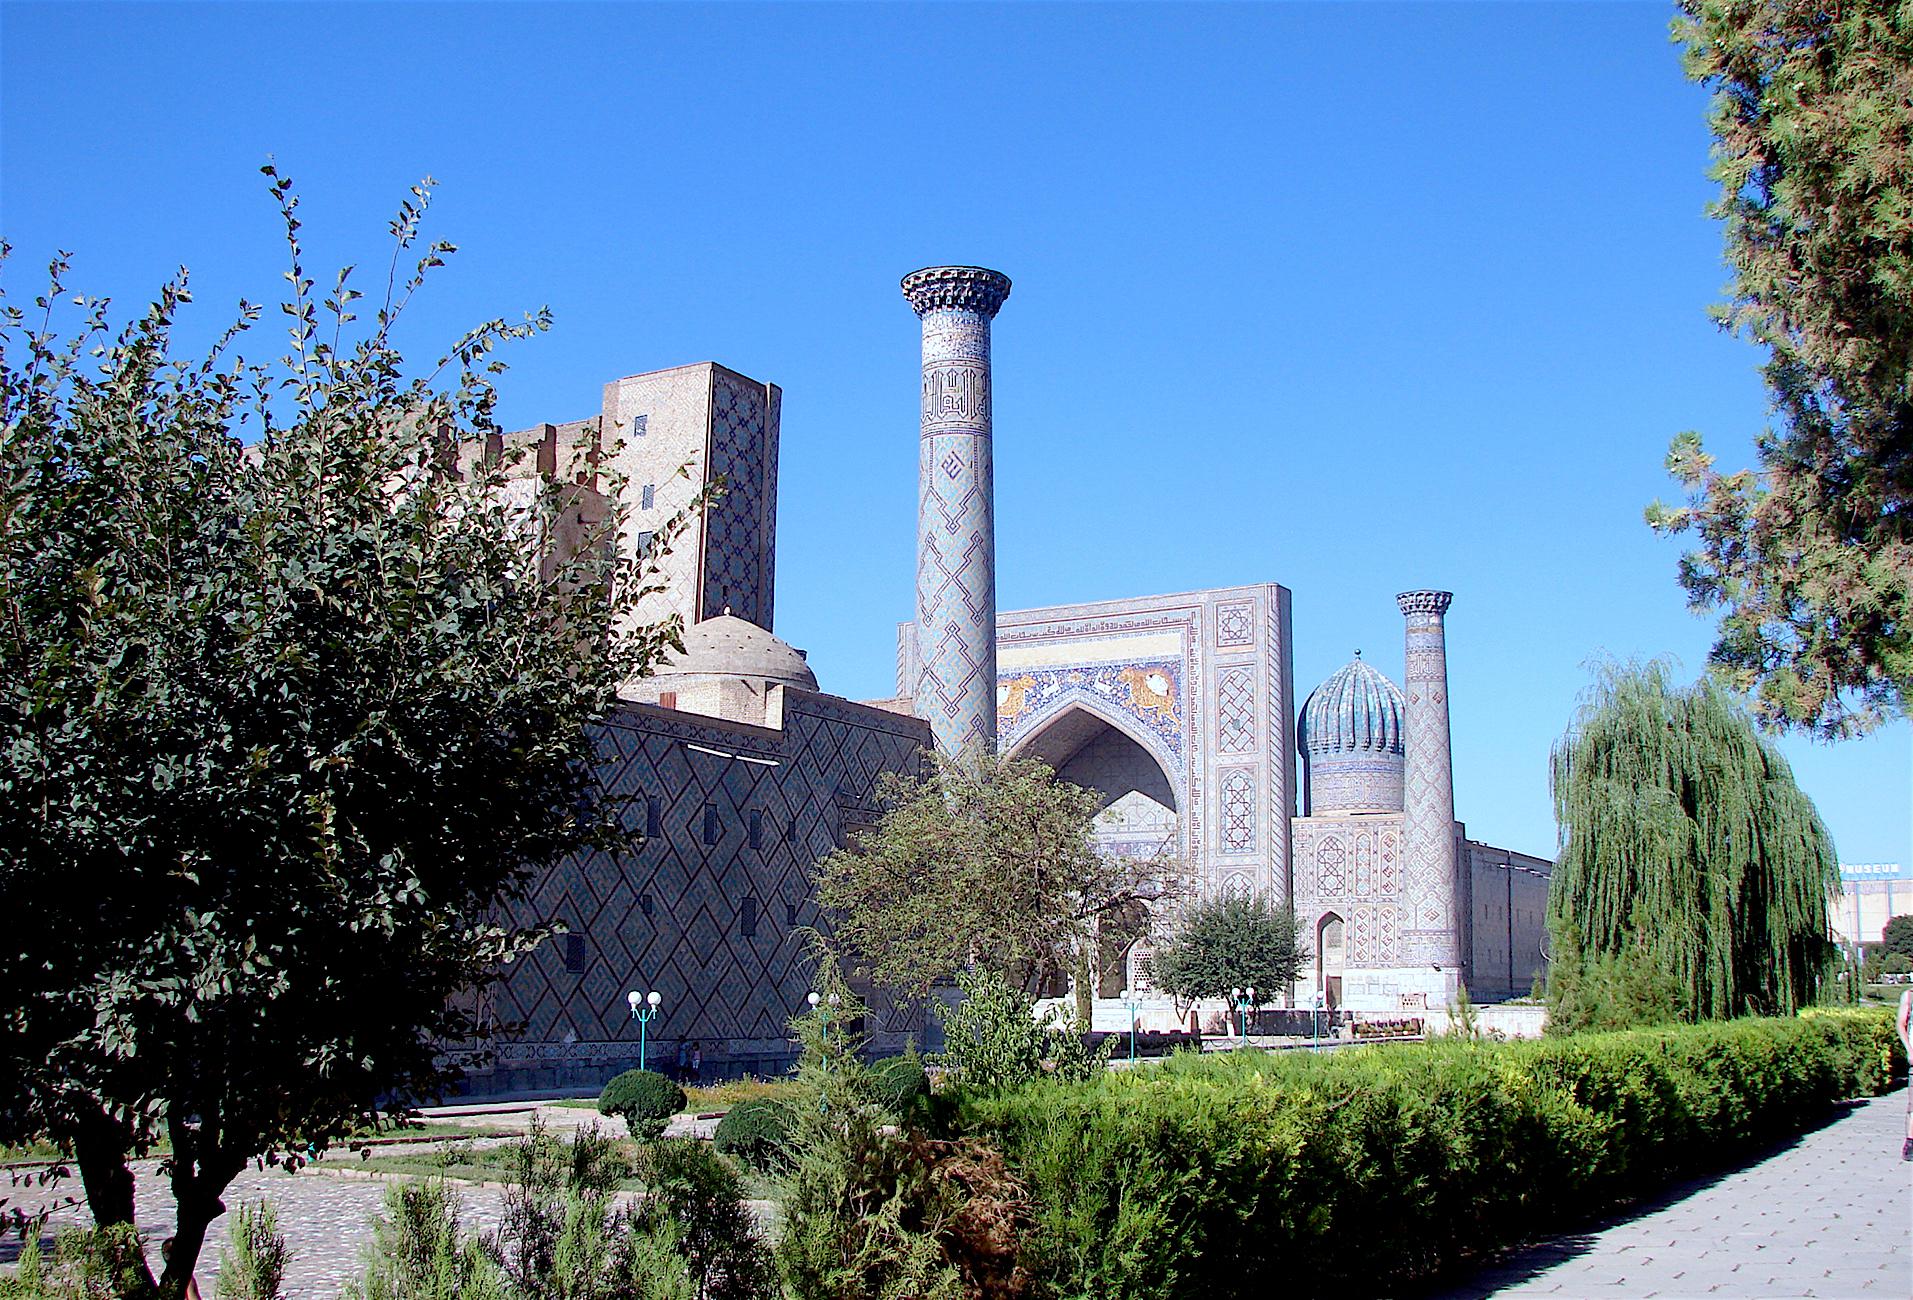 Площадь Регистан в Самарканде летом 2016 года. Самарканд насчитывает десятки архитектурных памятников, большинство которых построено в 15-17 веках.[Максим Енисеев]